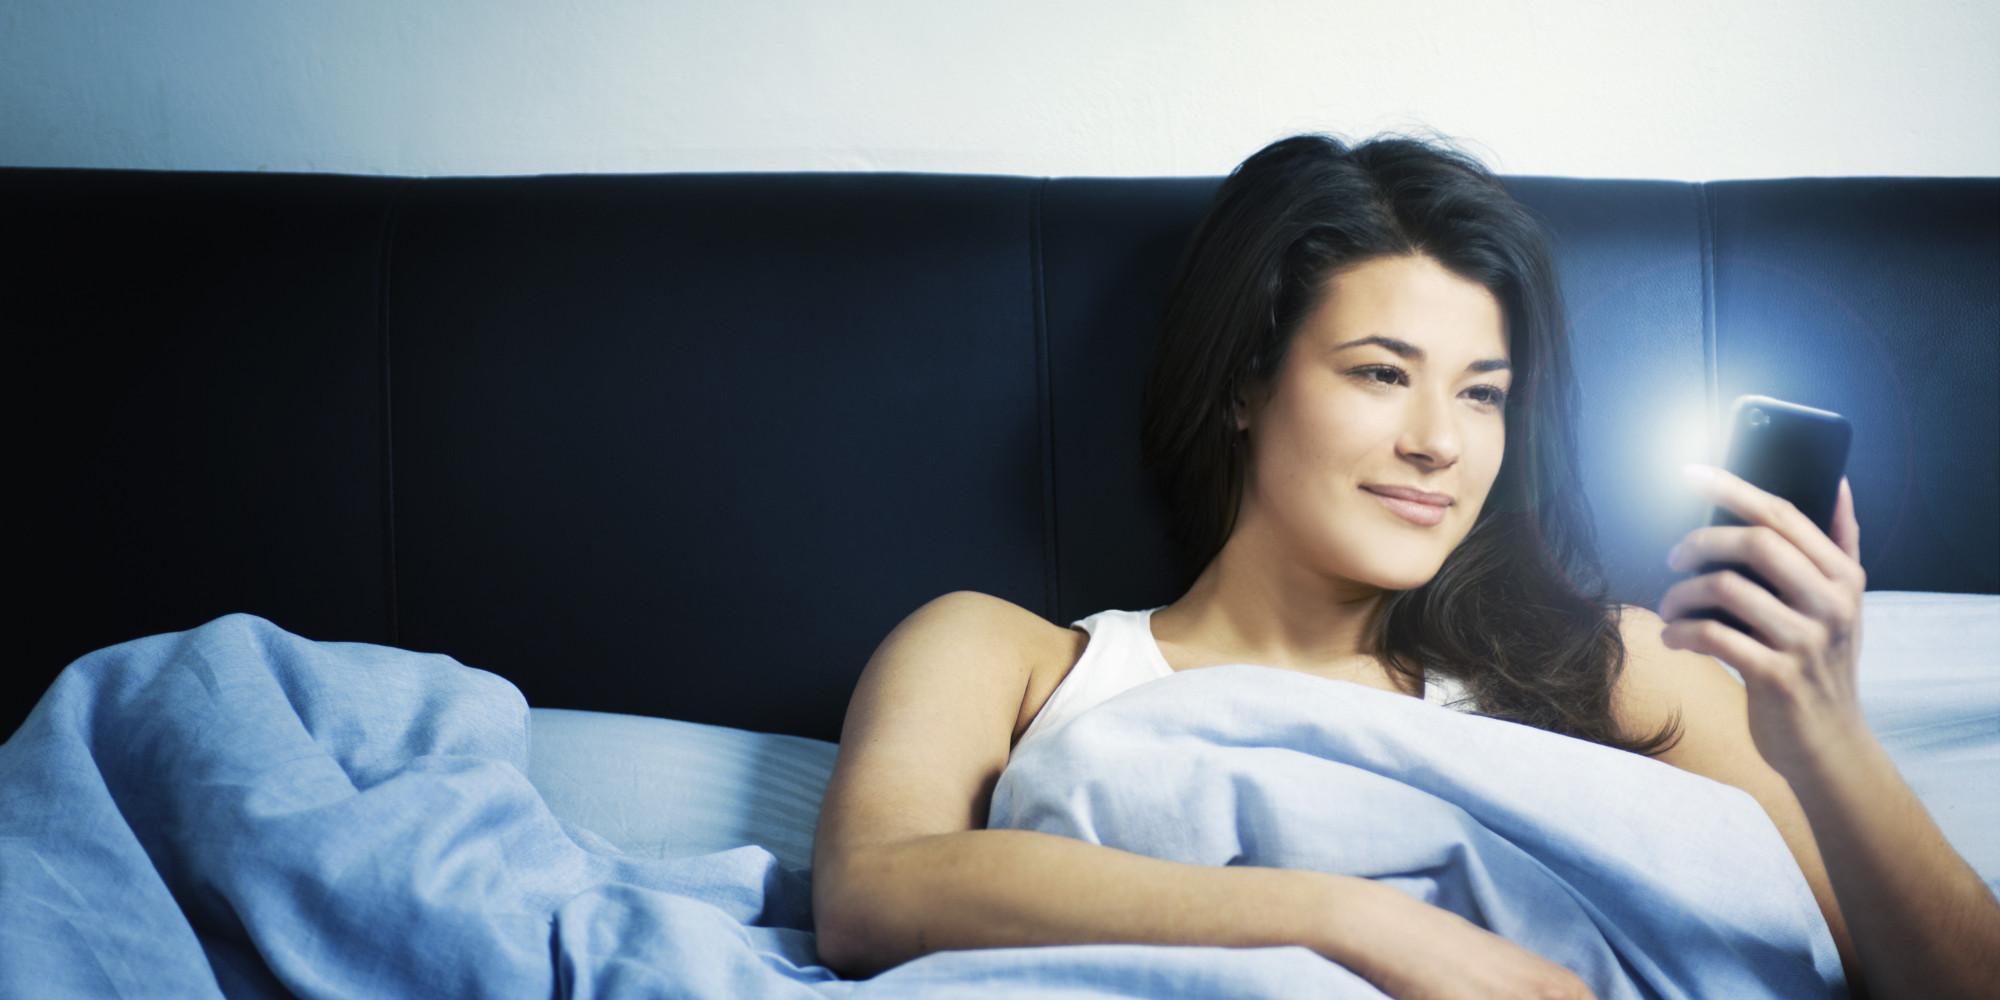 Los riesgos de dormir con el movil encendido